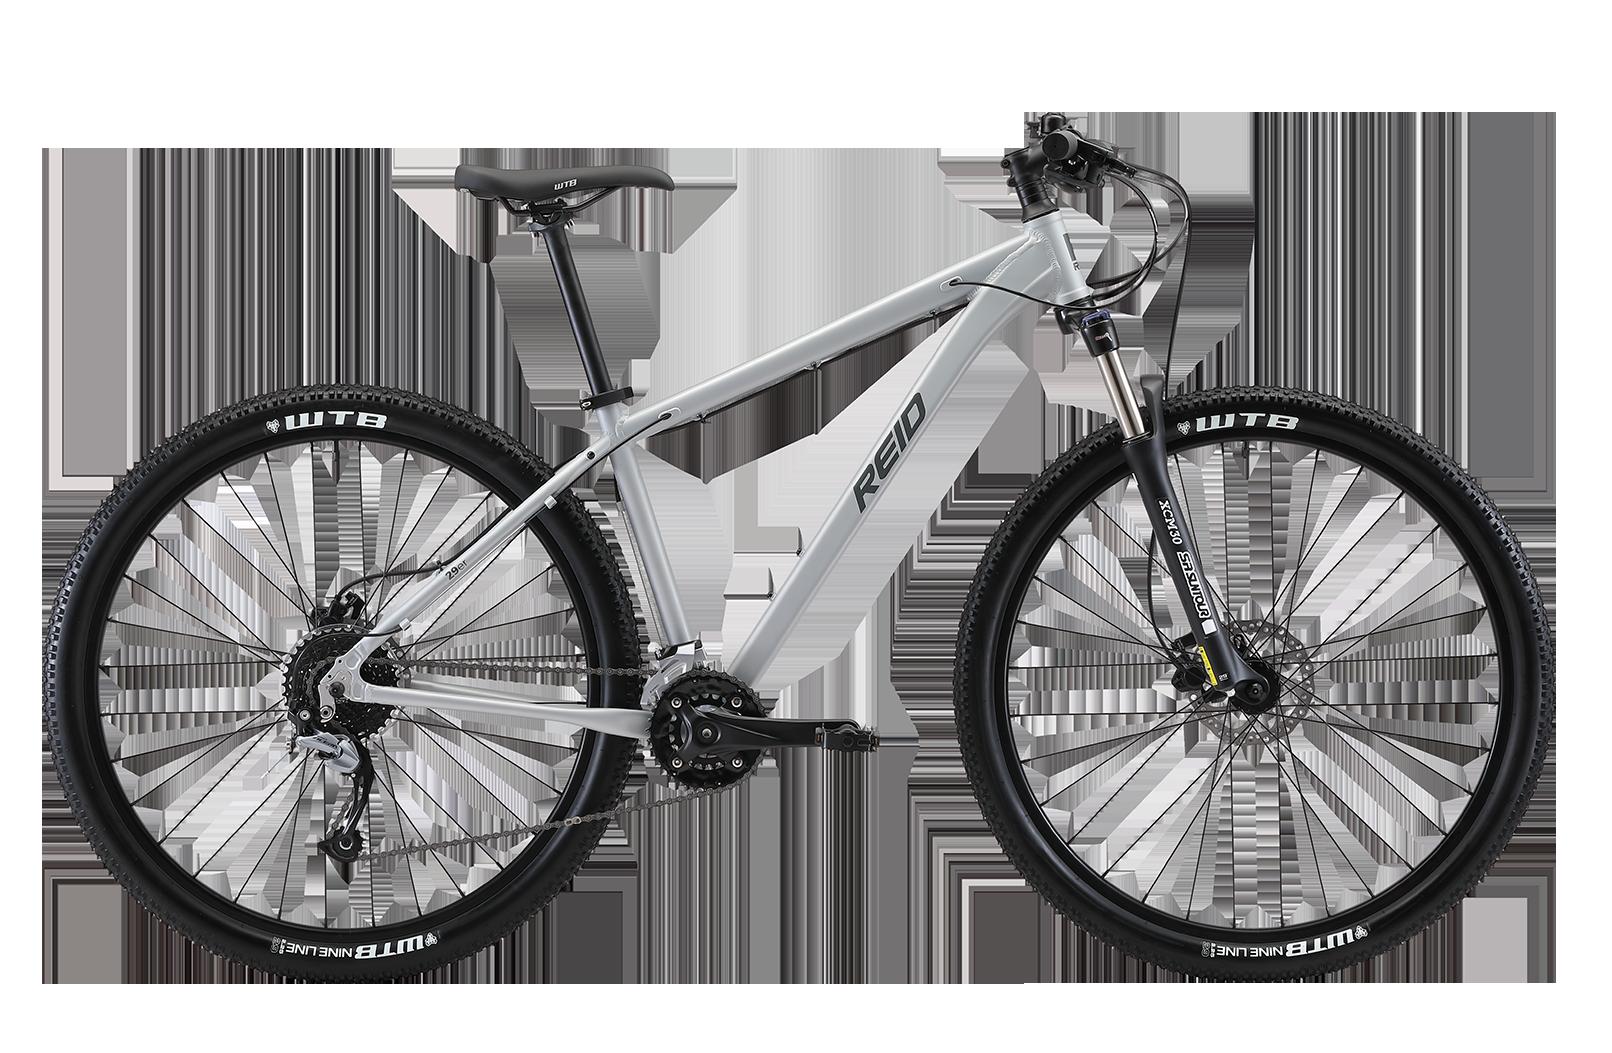 IMG 0132 ¦¦ 1 - Reid ® - Xenon Bike